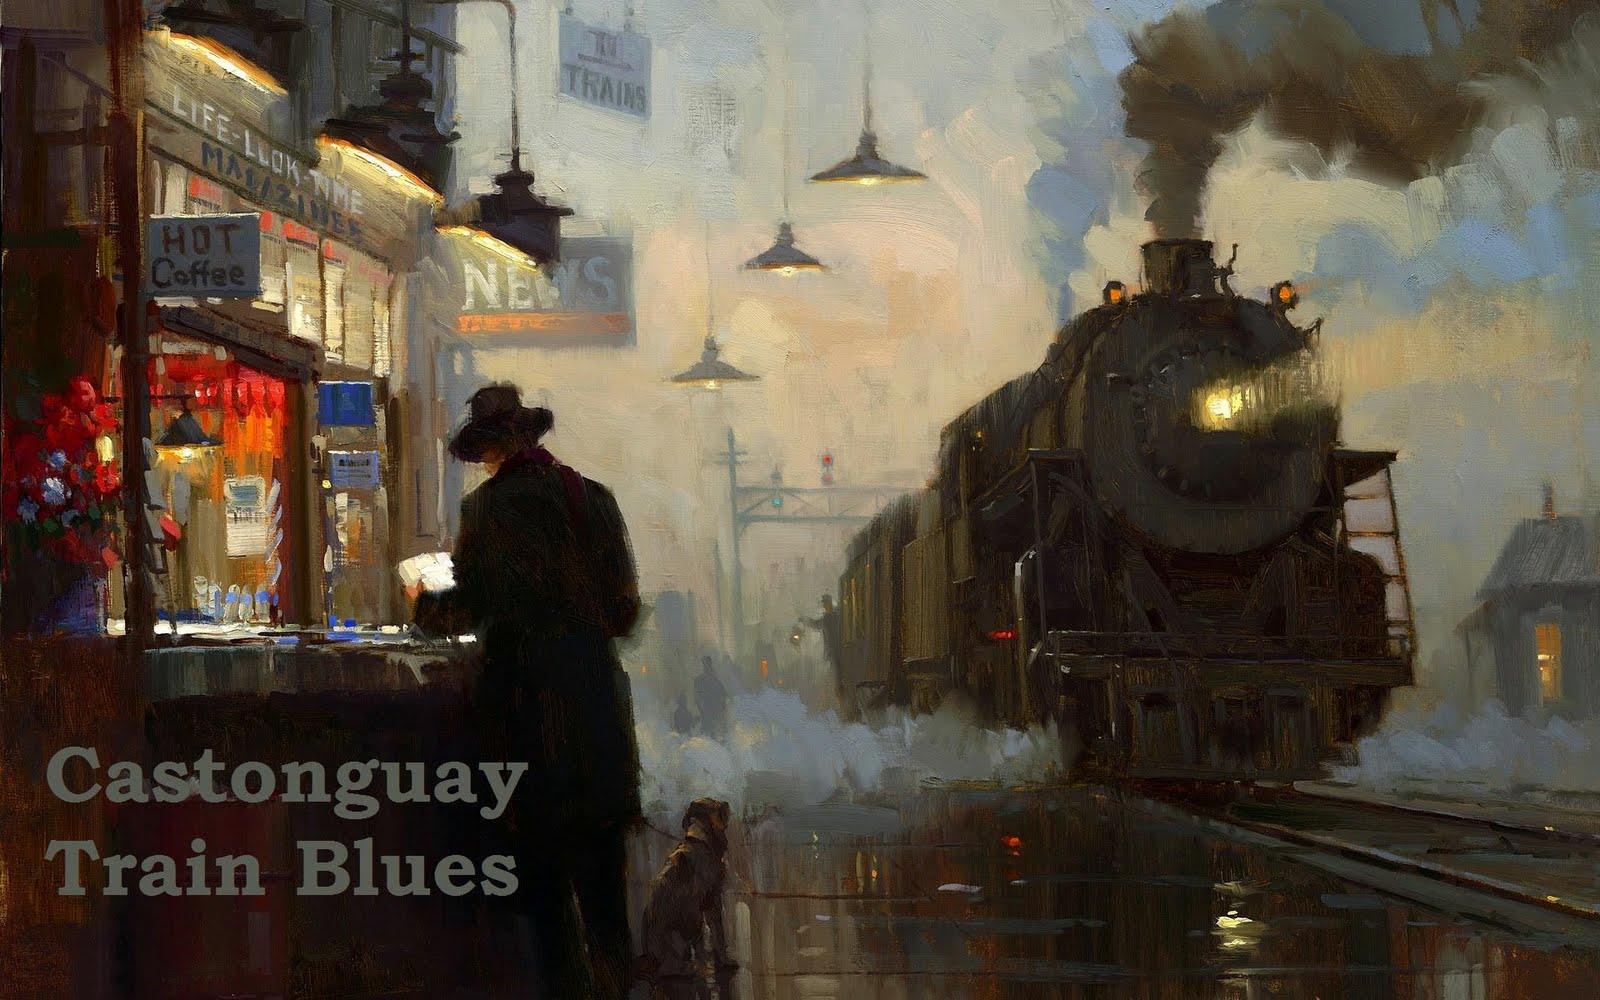 Castonguay Train Blues